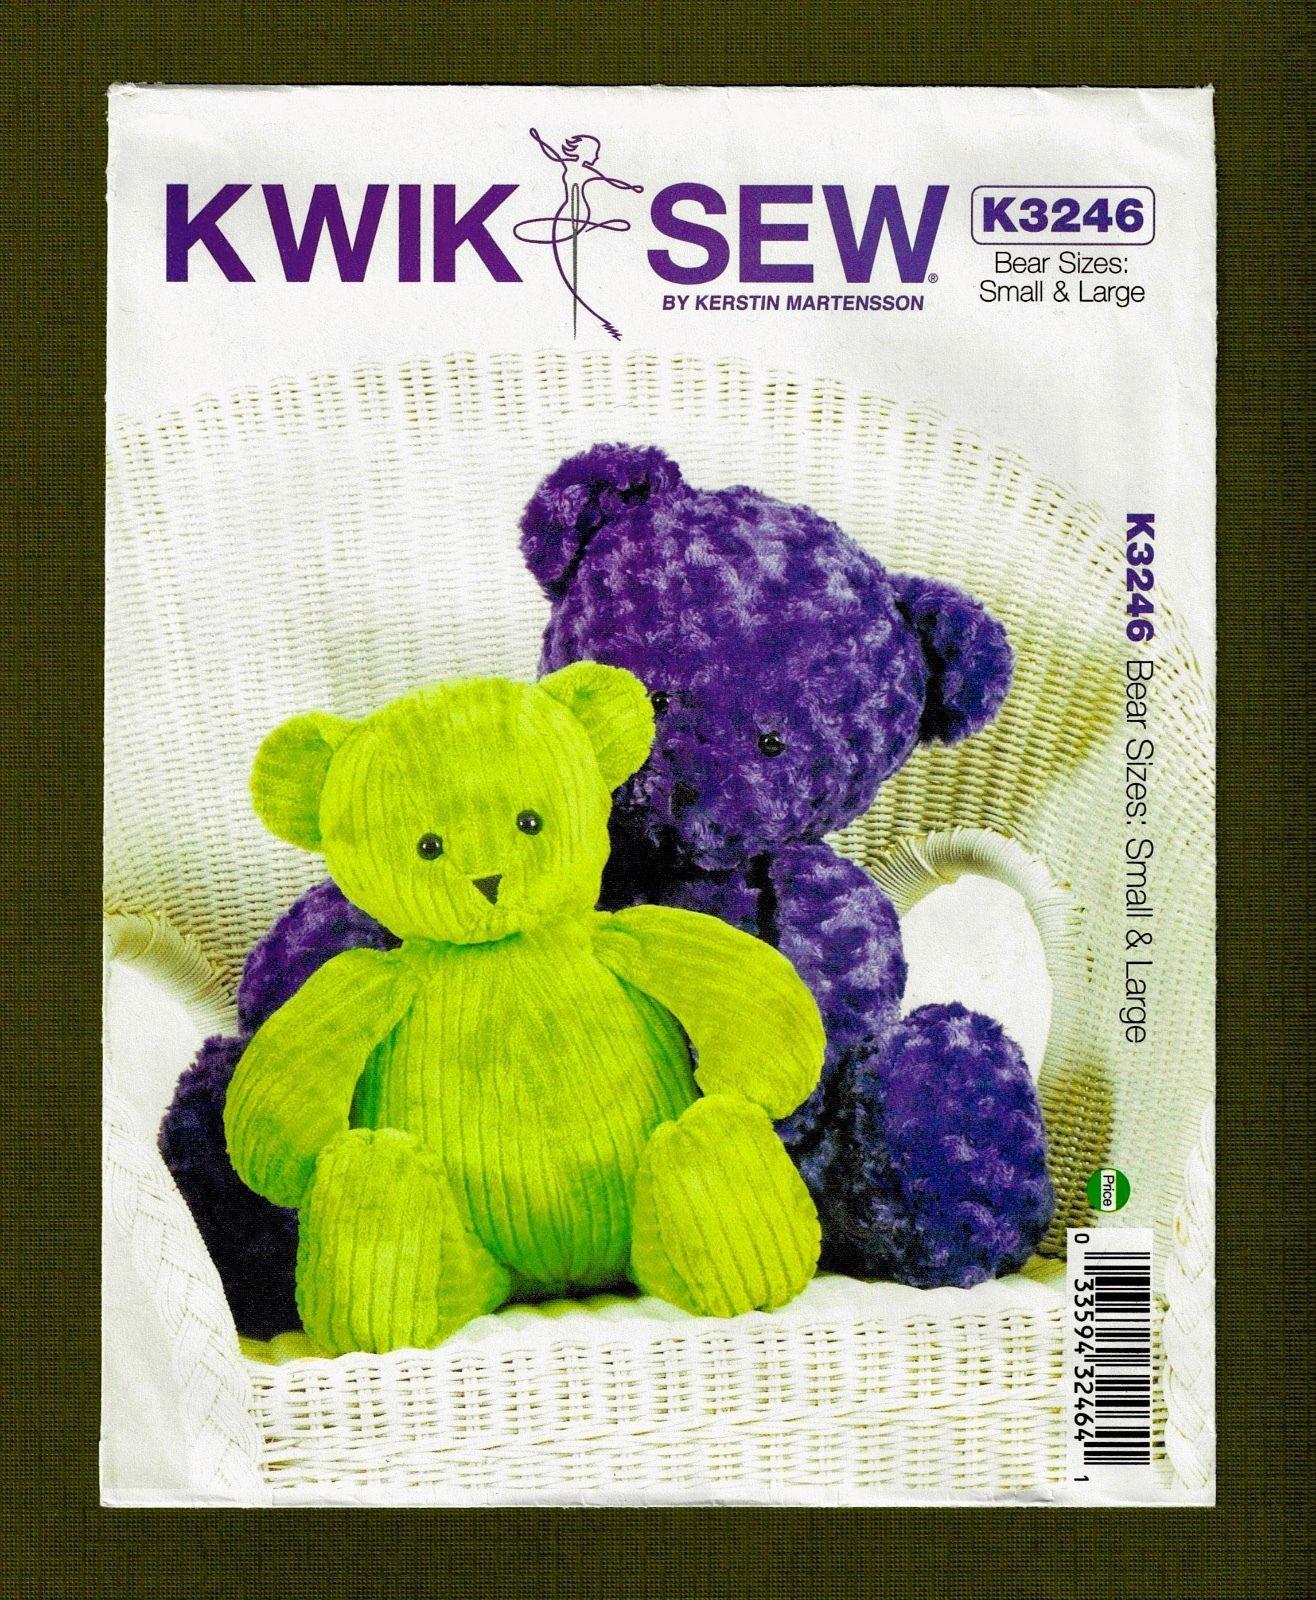 Teddy Bear Sewing Pattern Kwik Sew Patterns K3246osz Teddy Bears Sewing Pattern Size Large #babyteddybear